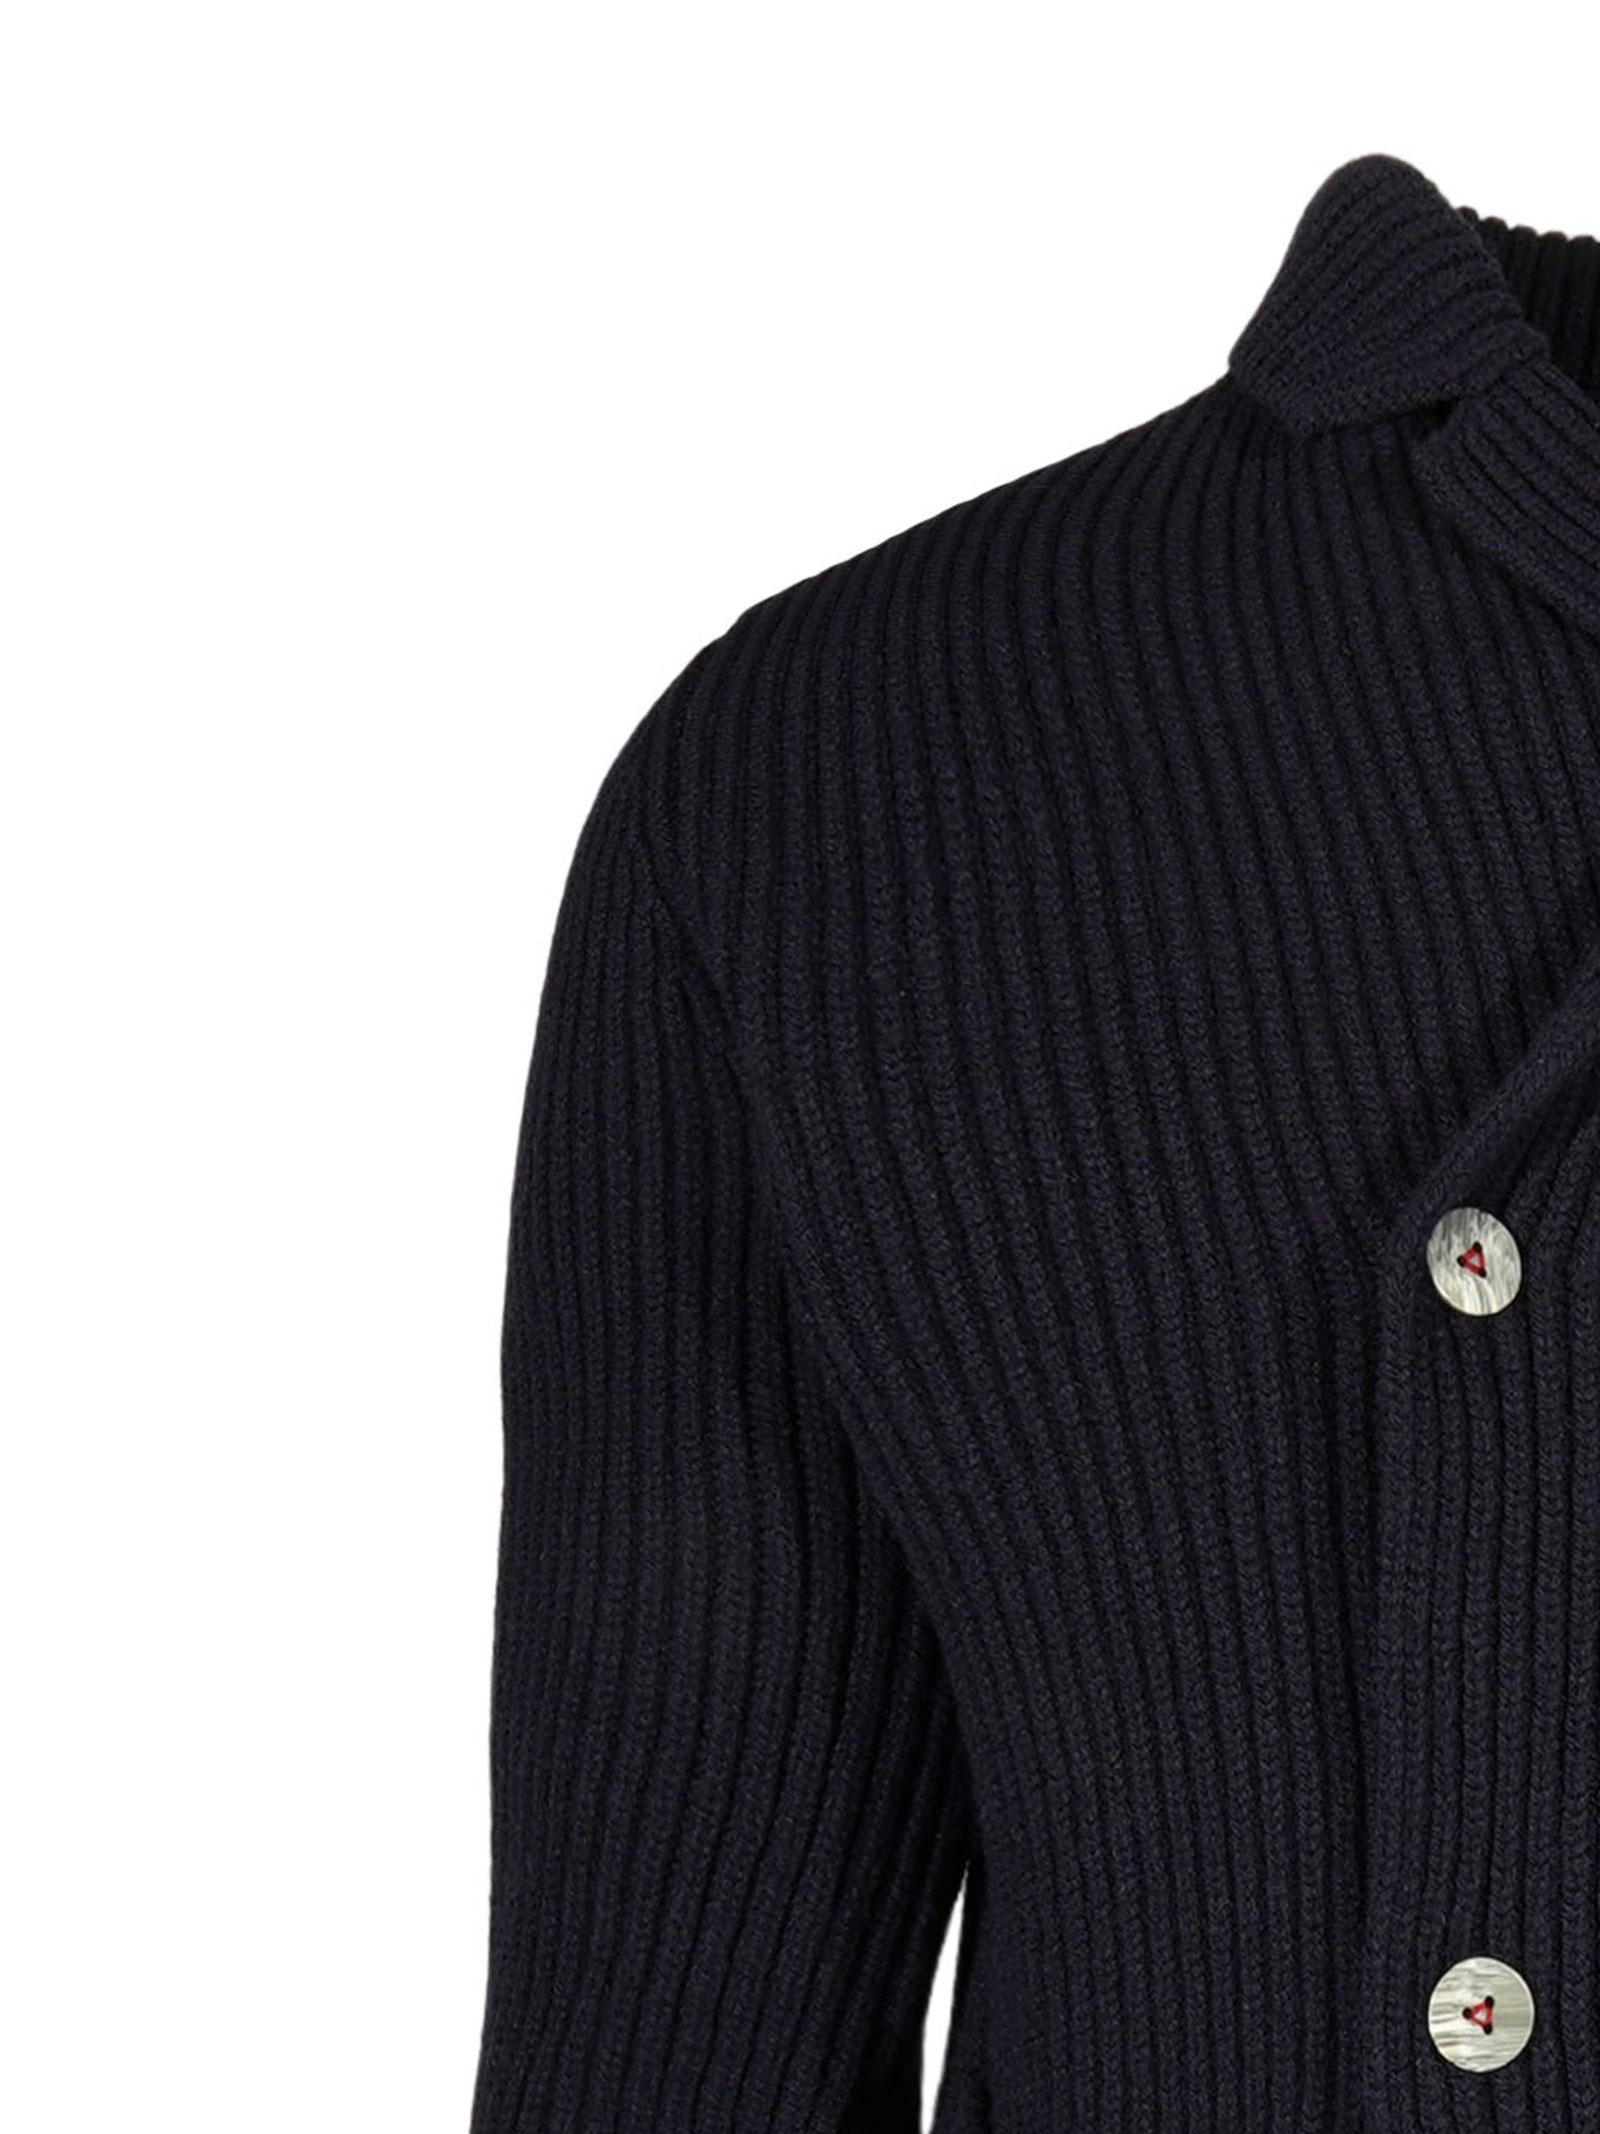 H953   Knitwear   336790